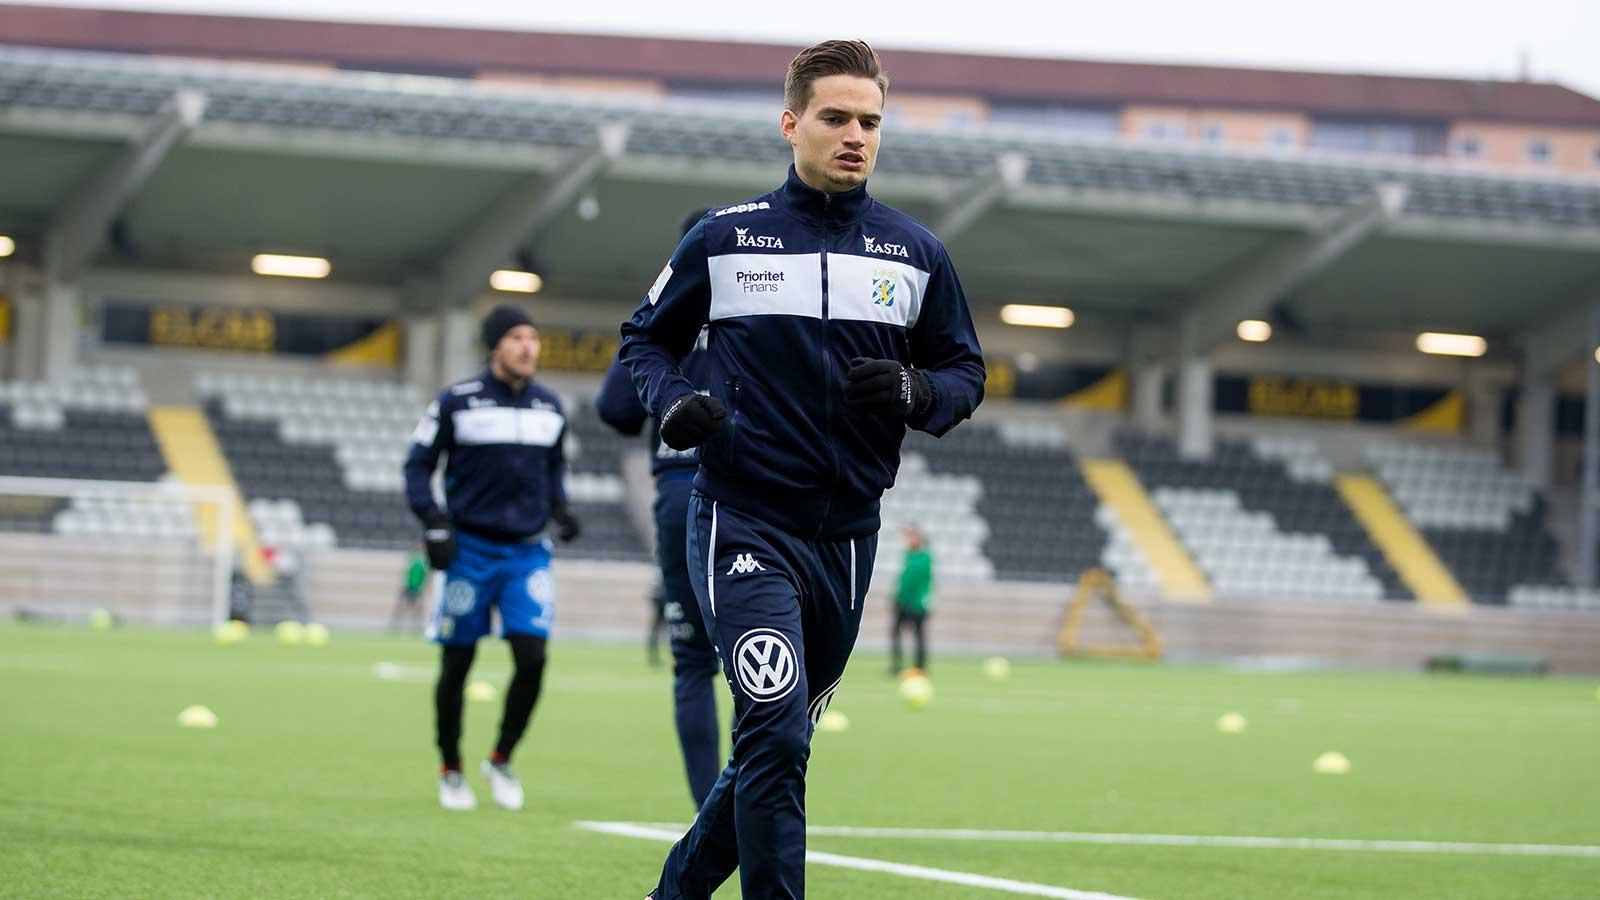 180217 IFK Göteborgs Amin Affane värmer upp innan en fotbollsmatch i Svenska Cupen mellan IFK Göteborg och Varberg den 17 februari 2018 i Göteborg.